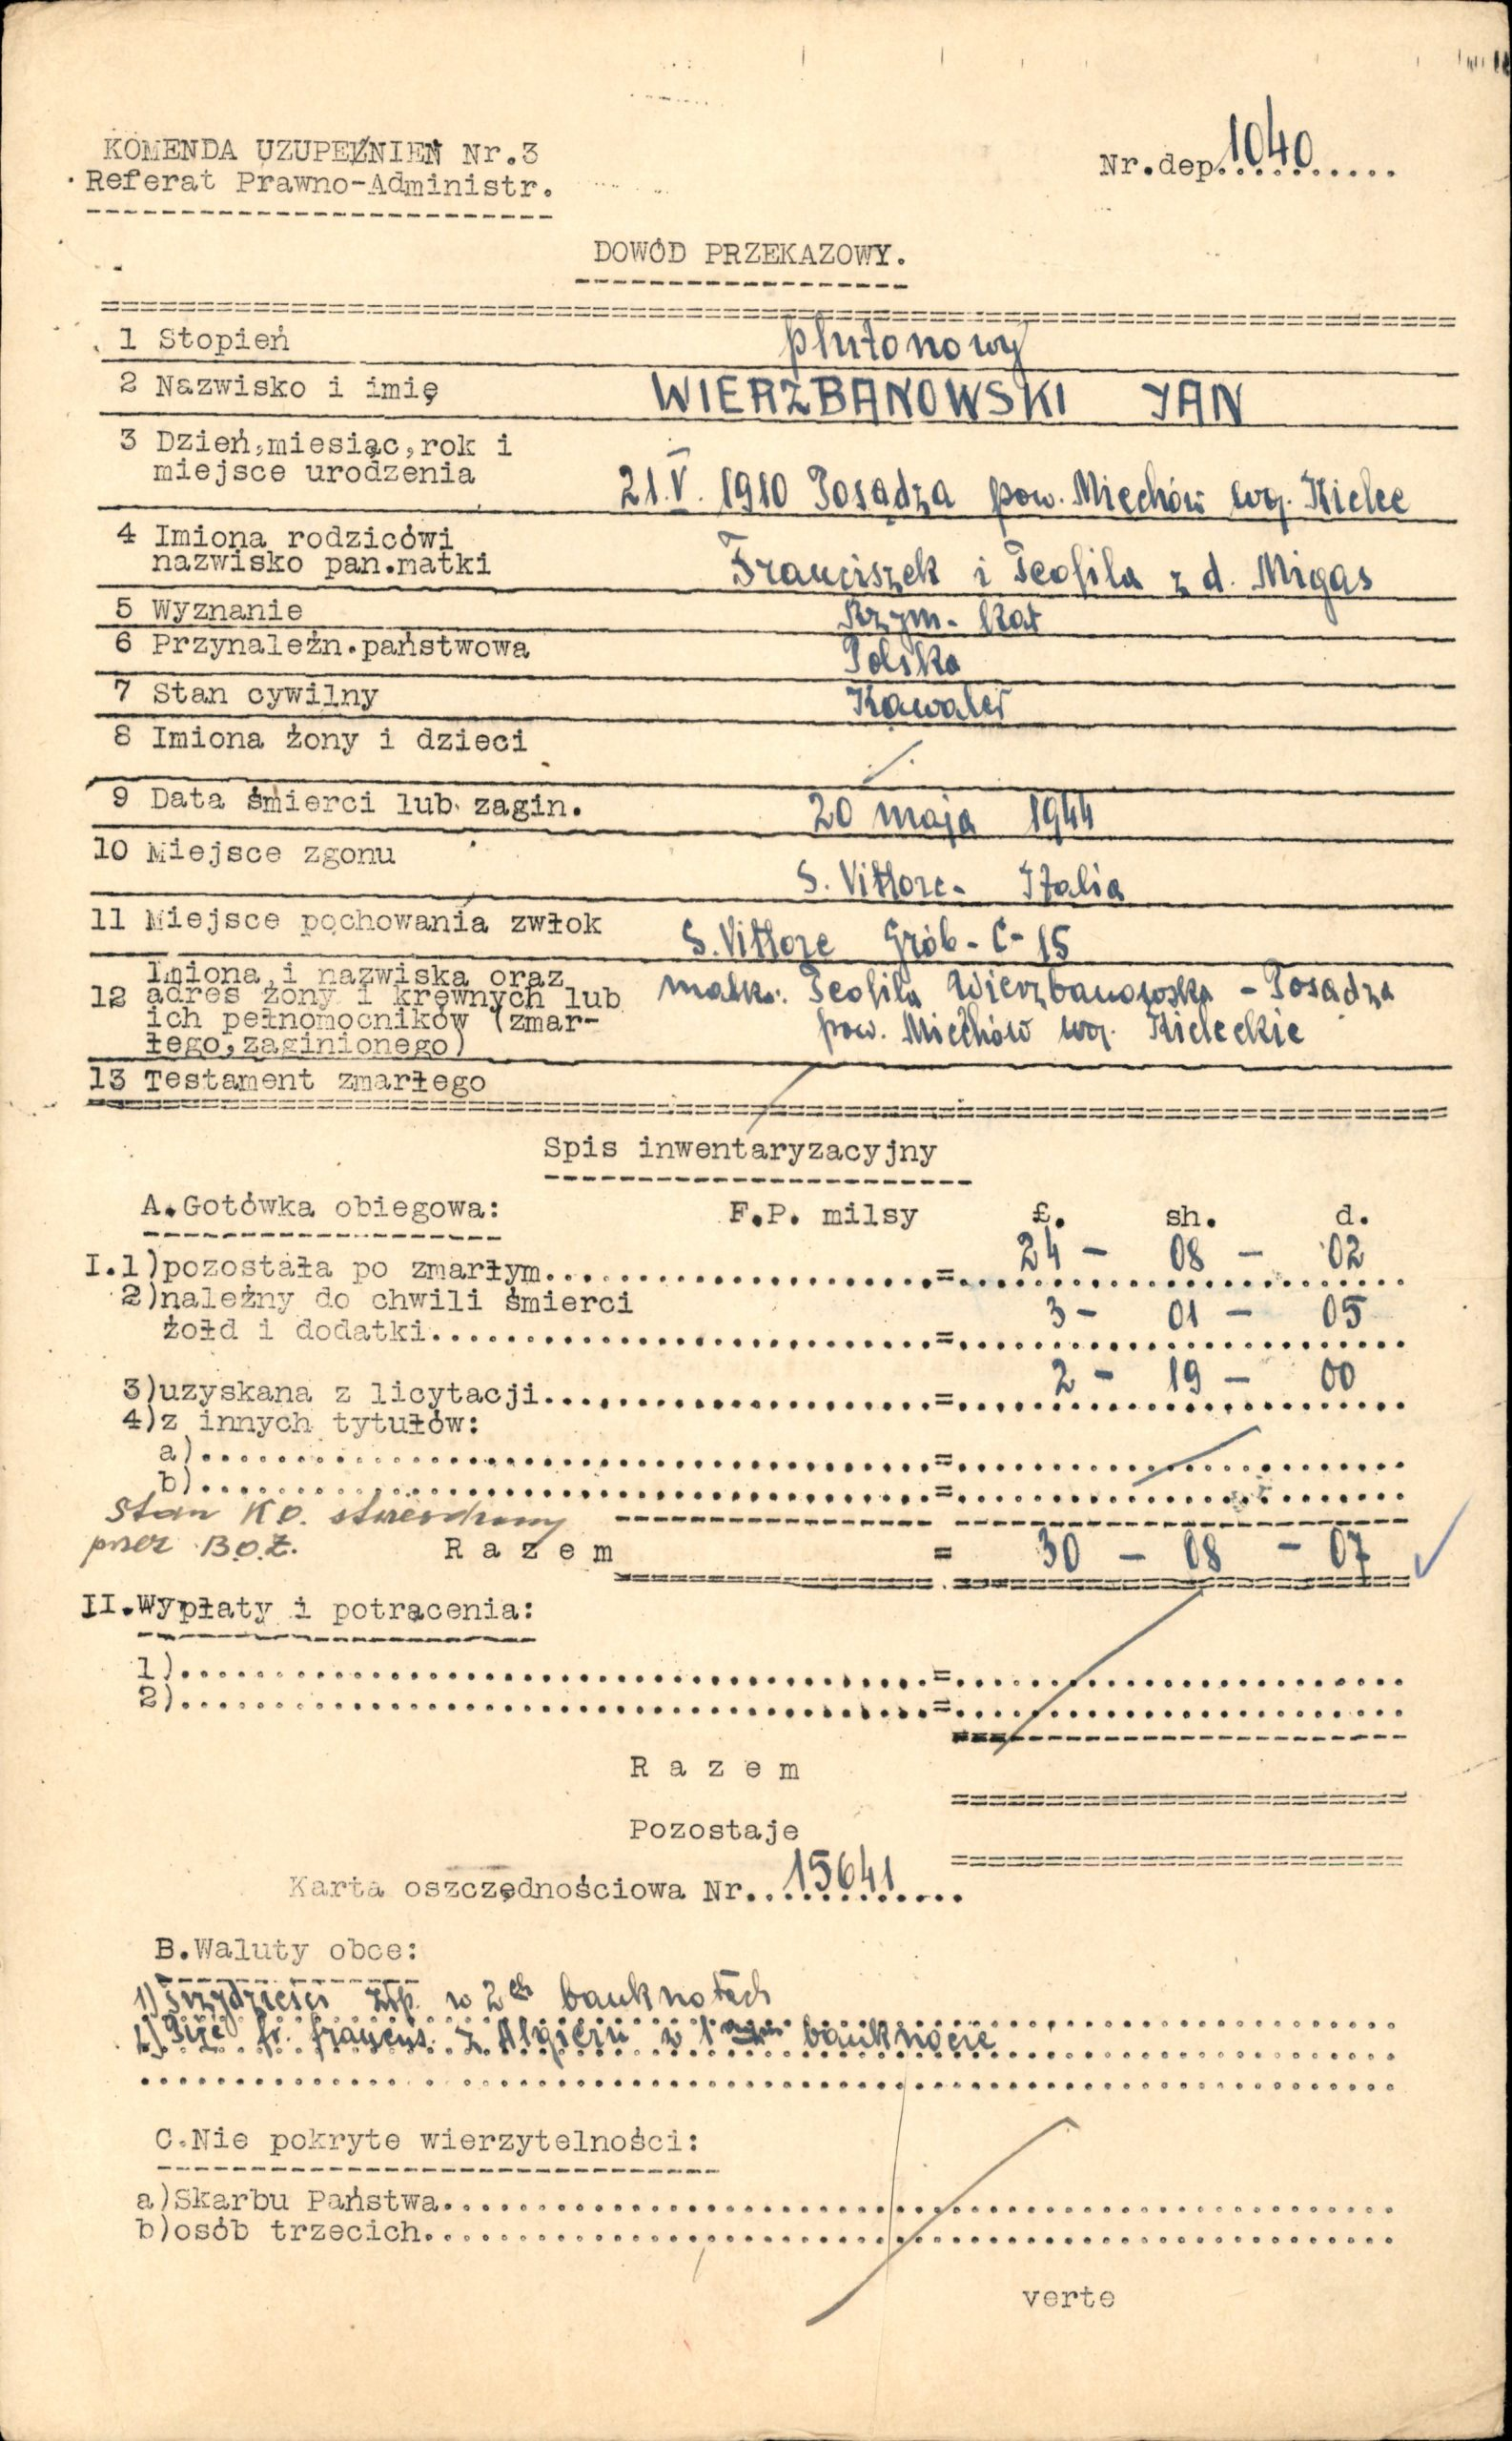 Dowód przekazania przedmiotów po Janie Wierzbanowskim